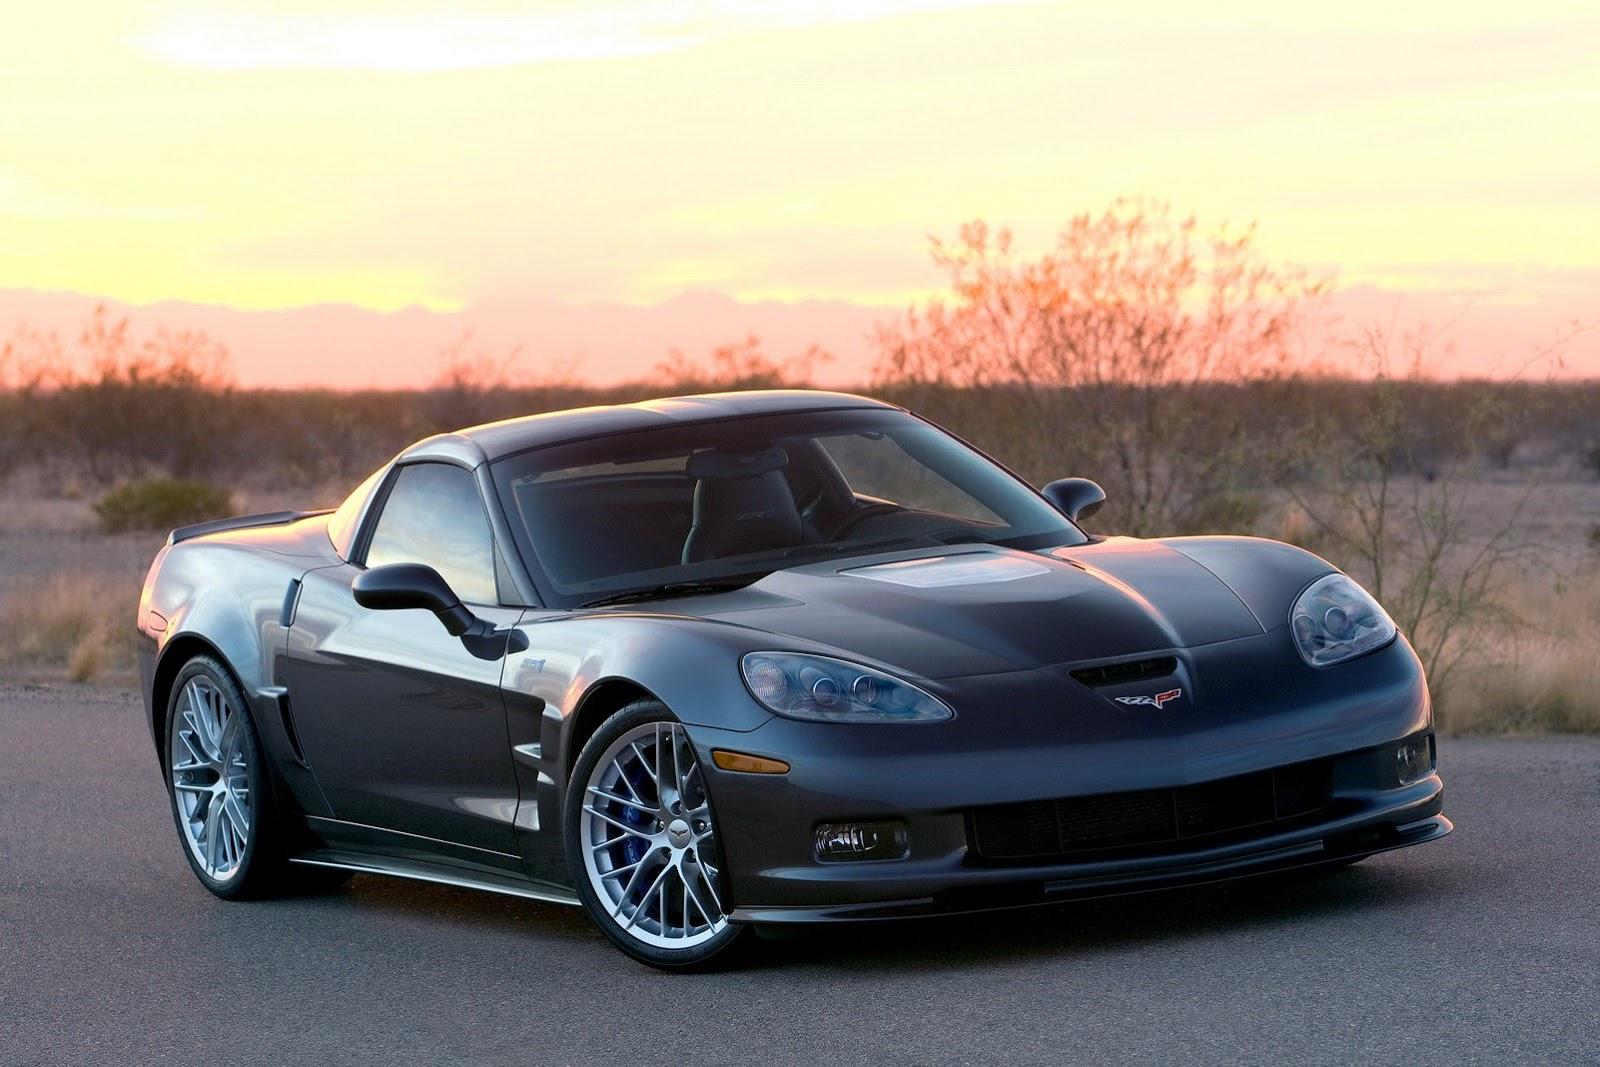 http://2.bp.blogspot.com/-PpTKomjMuVM/UNGBfz33njI/AAAAAAAAF6I/v6AWFc_IQ7U/s1600/Corvette+ZR1.jpg